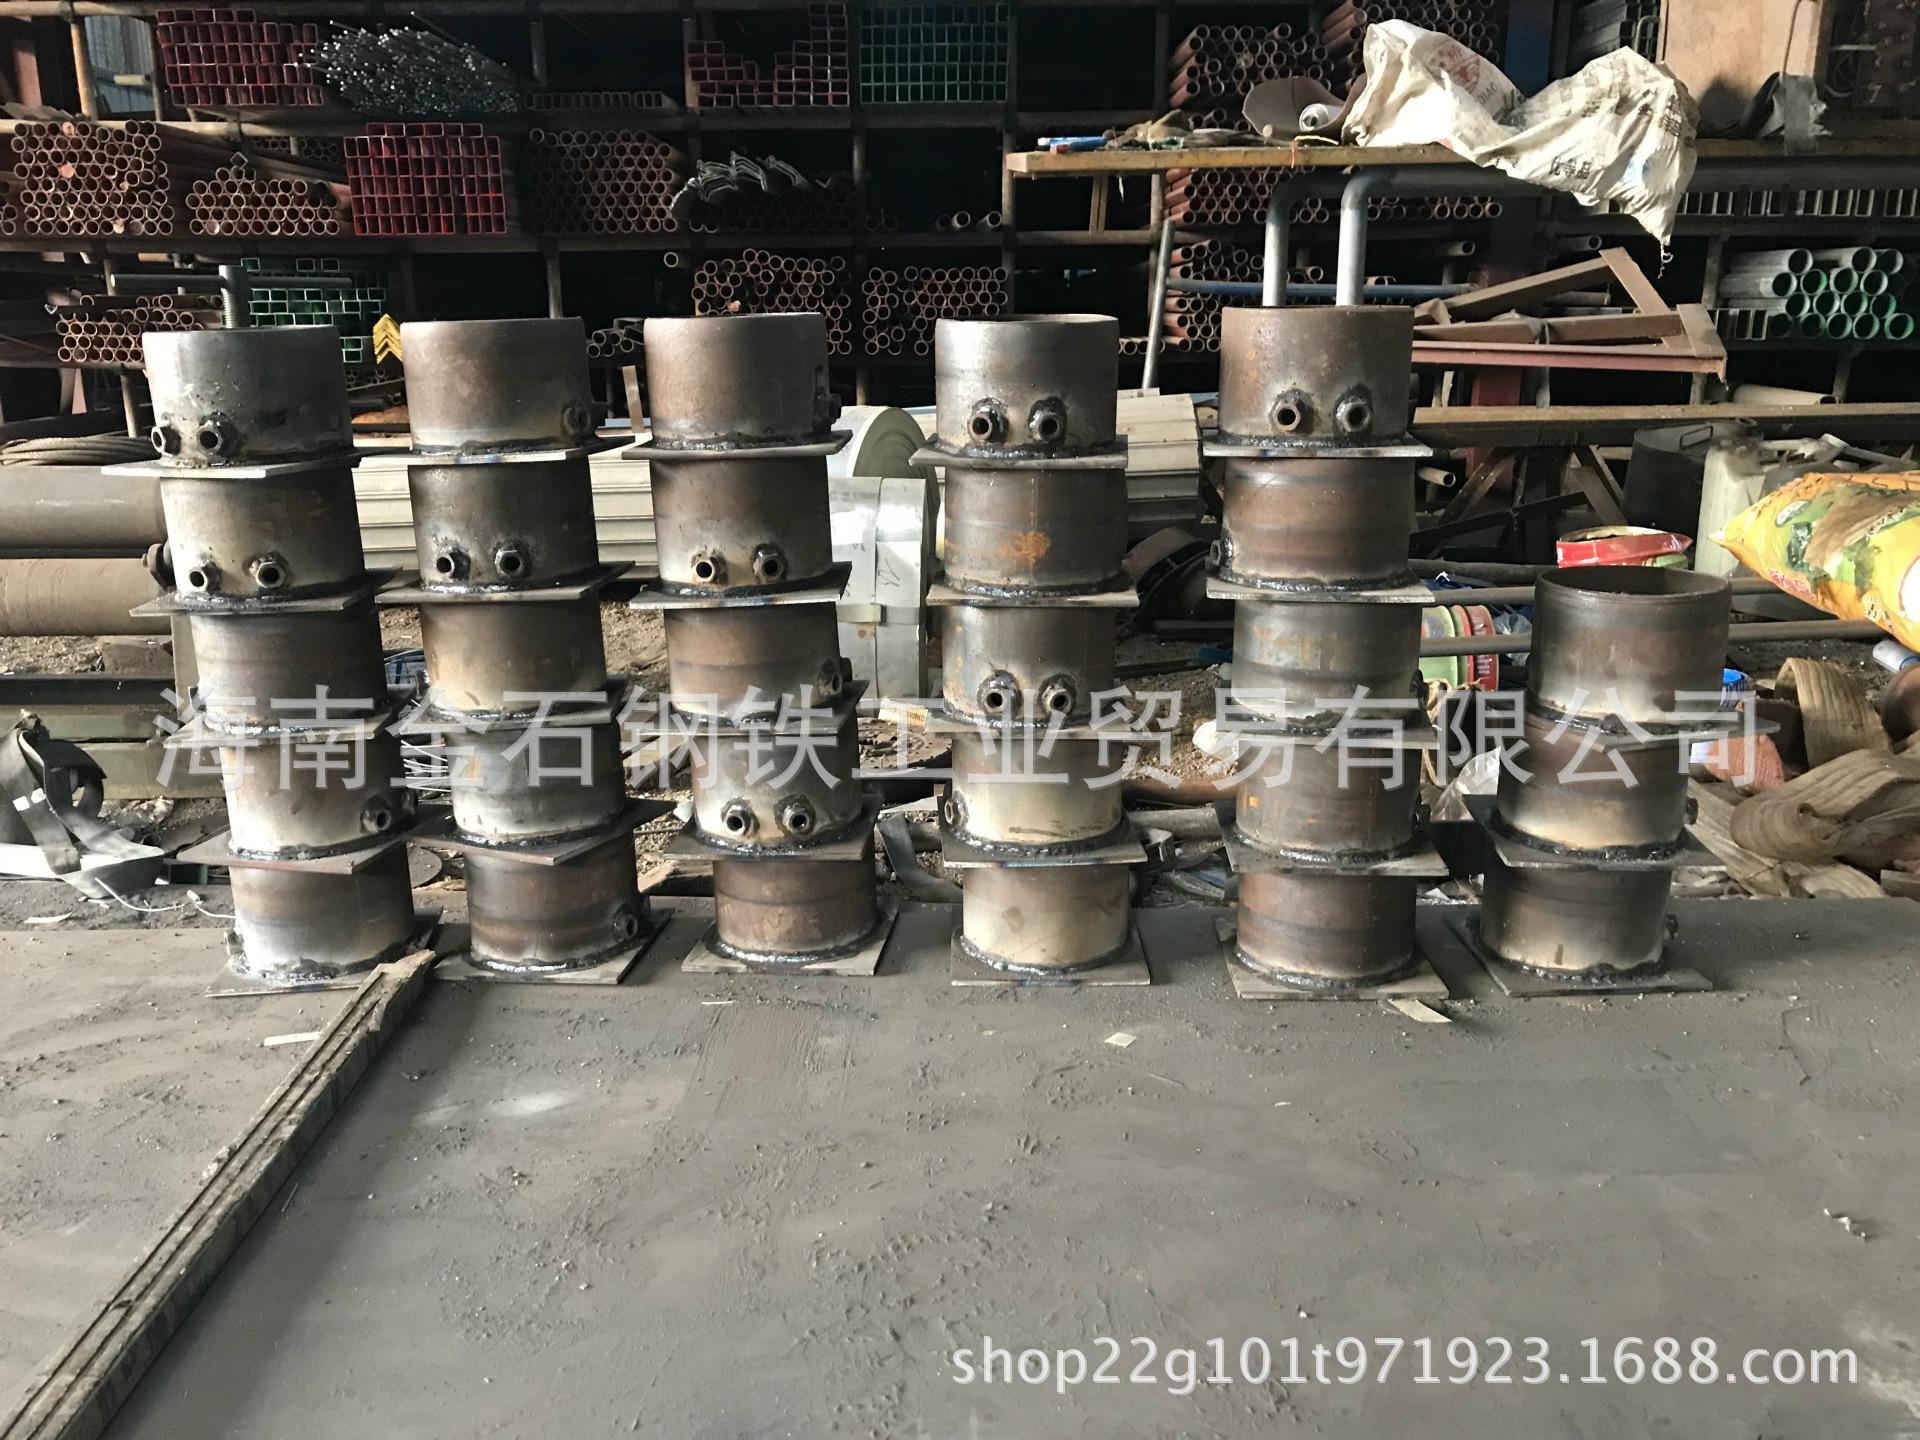 金属件加工,钢结构制品加工,预埋件加工,海南钢材,昌江钢材。